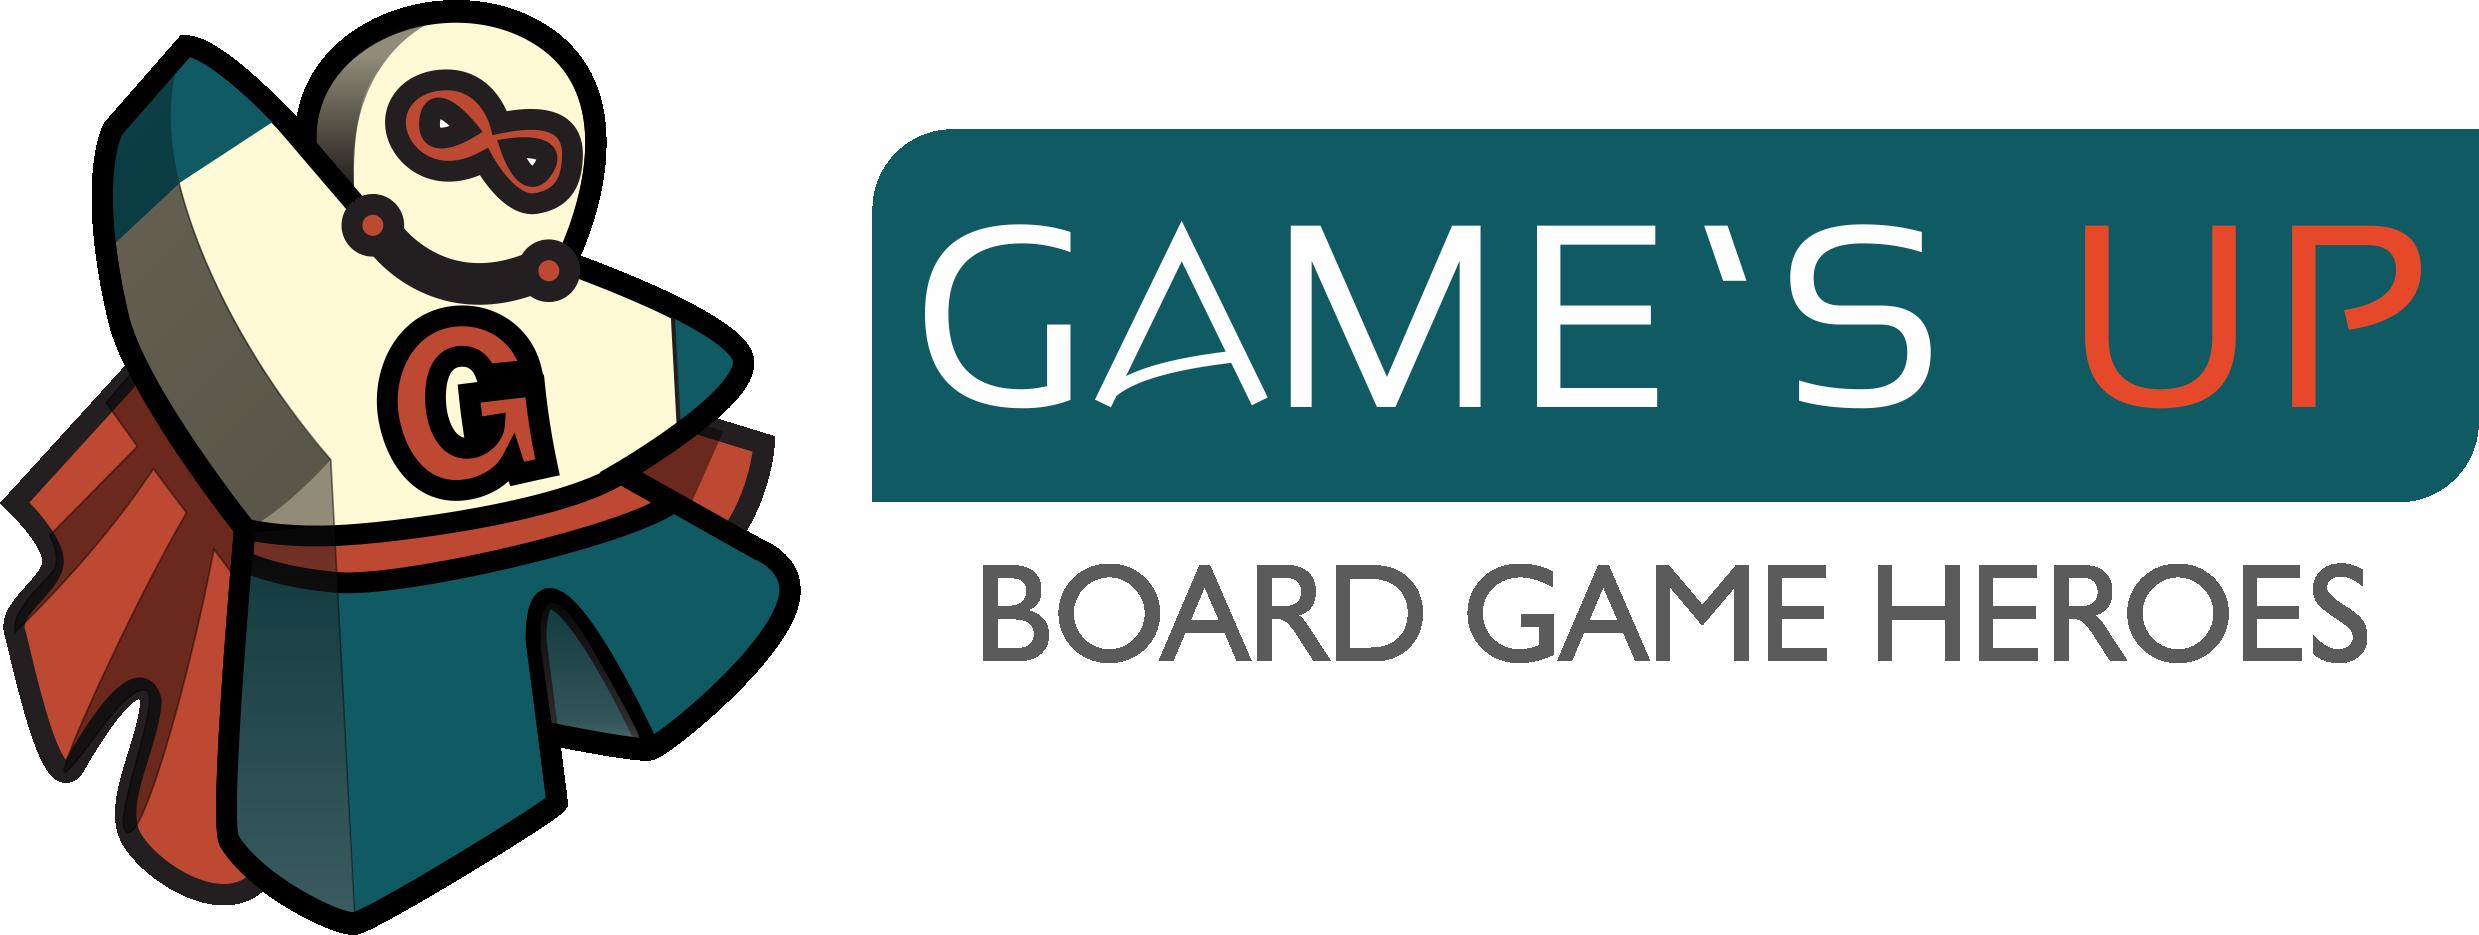 Games Up_mit_Maskottchen2